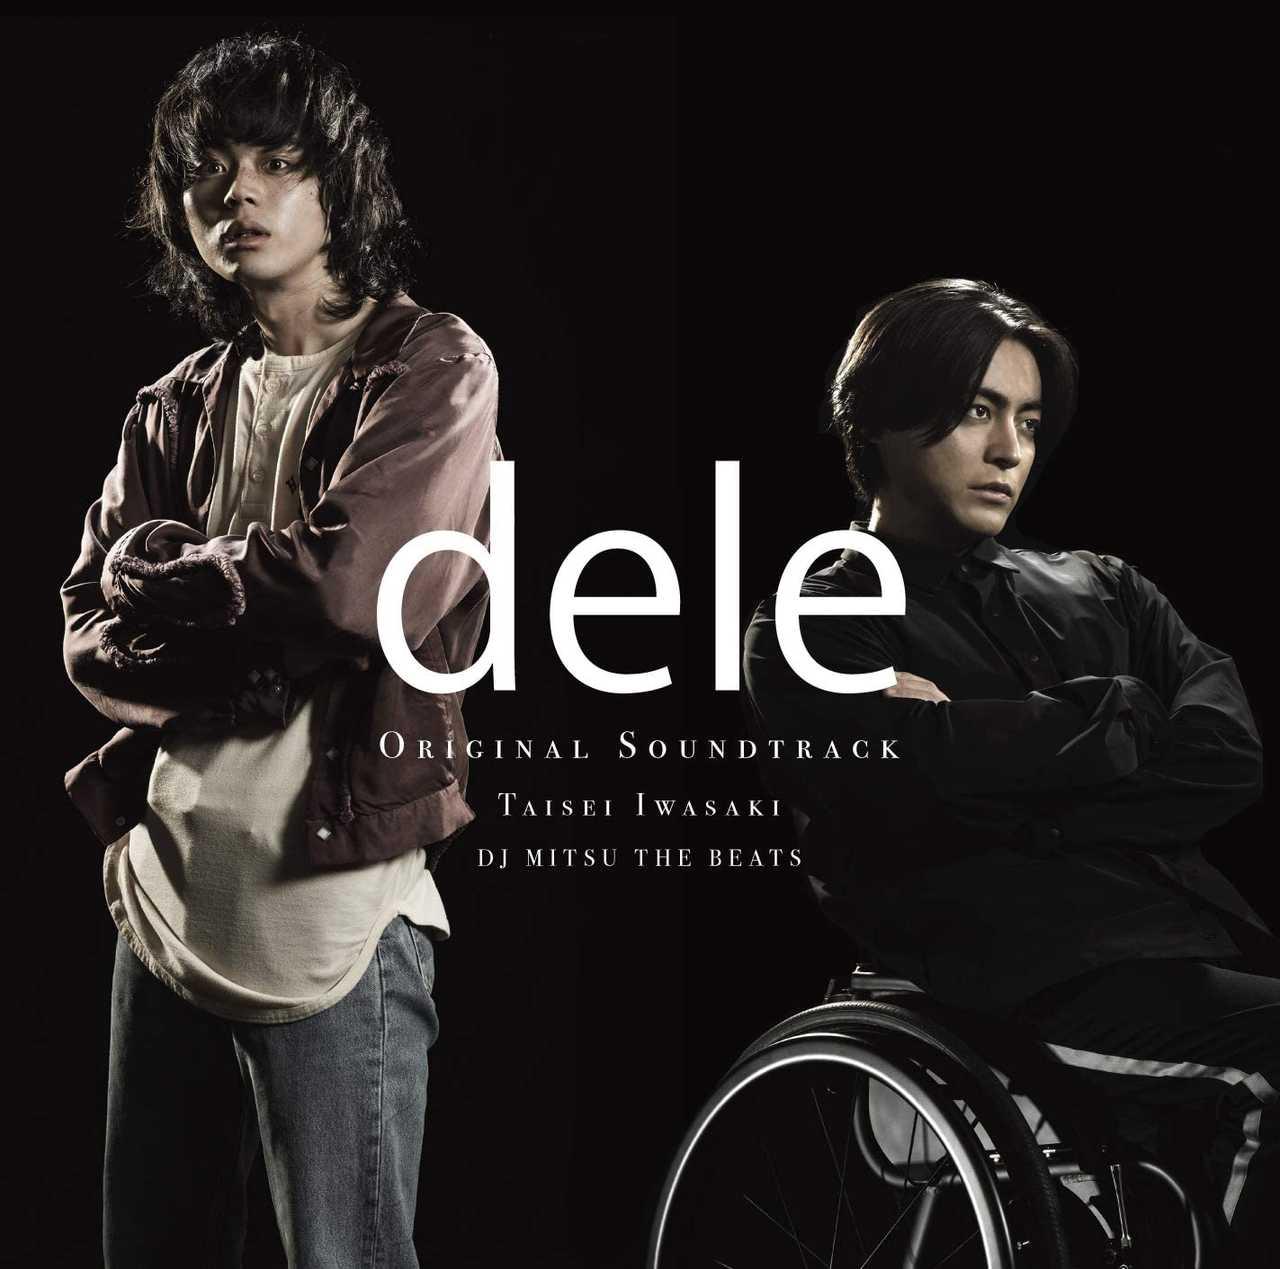 ドラマ「dele」は見始めたら止まらない!後戻りできない秘密のミステリー